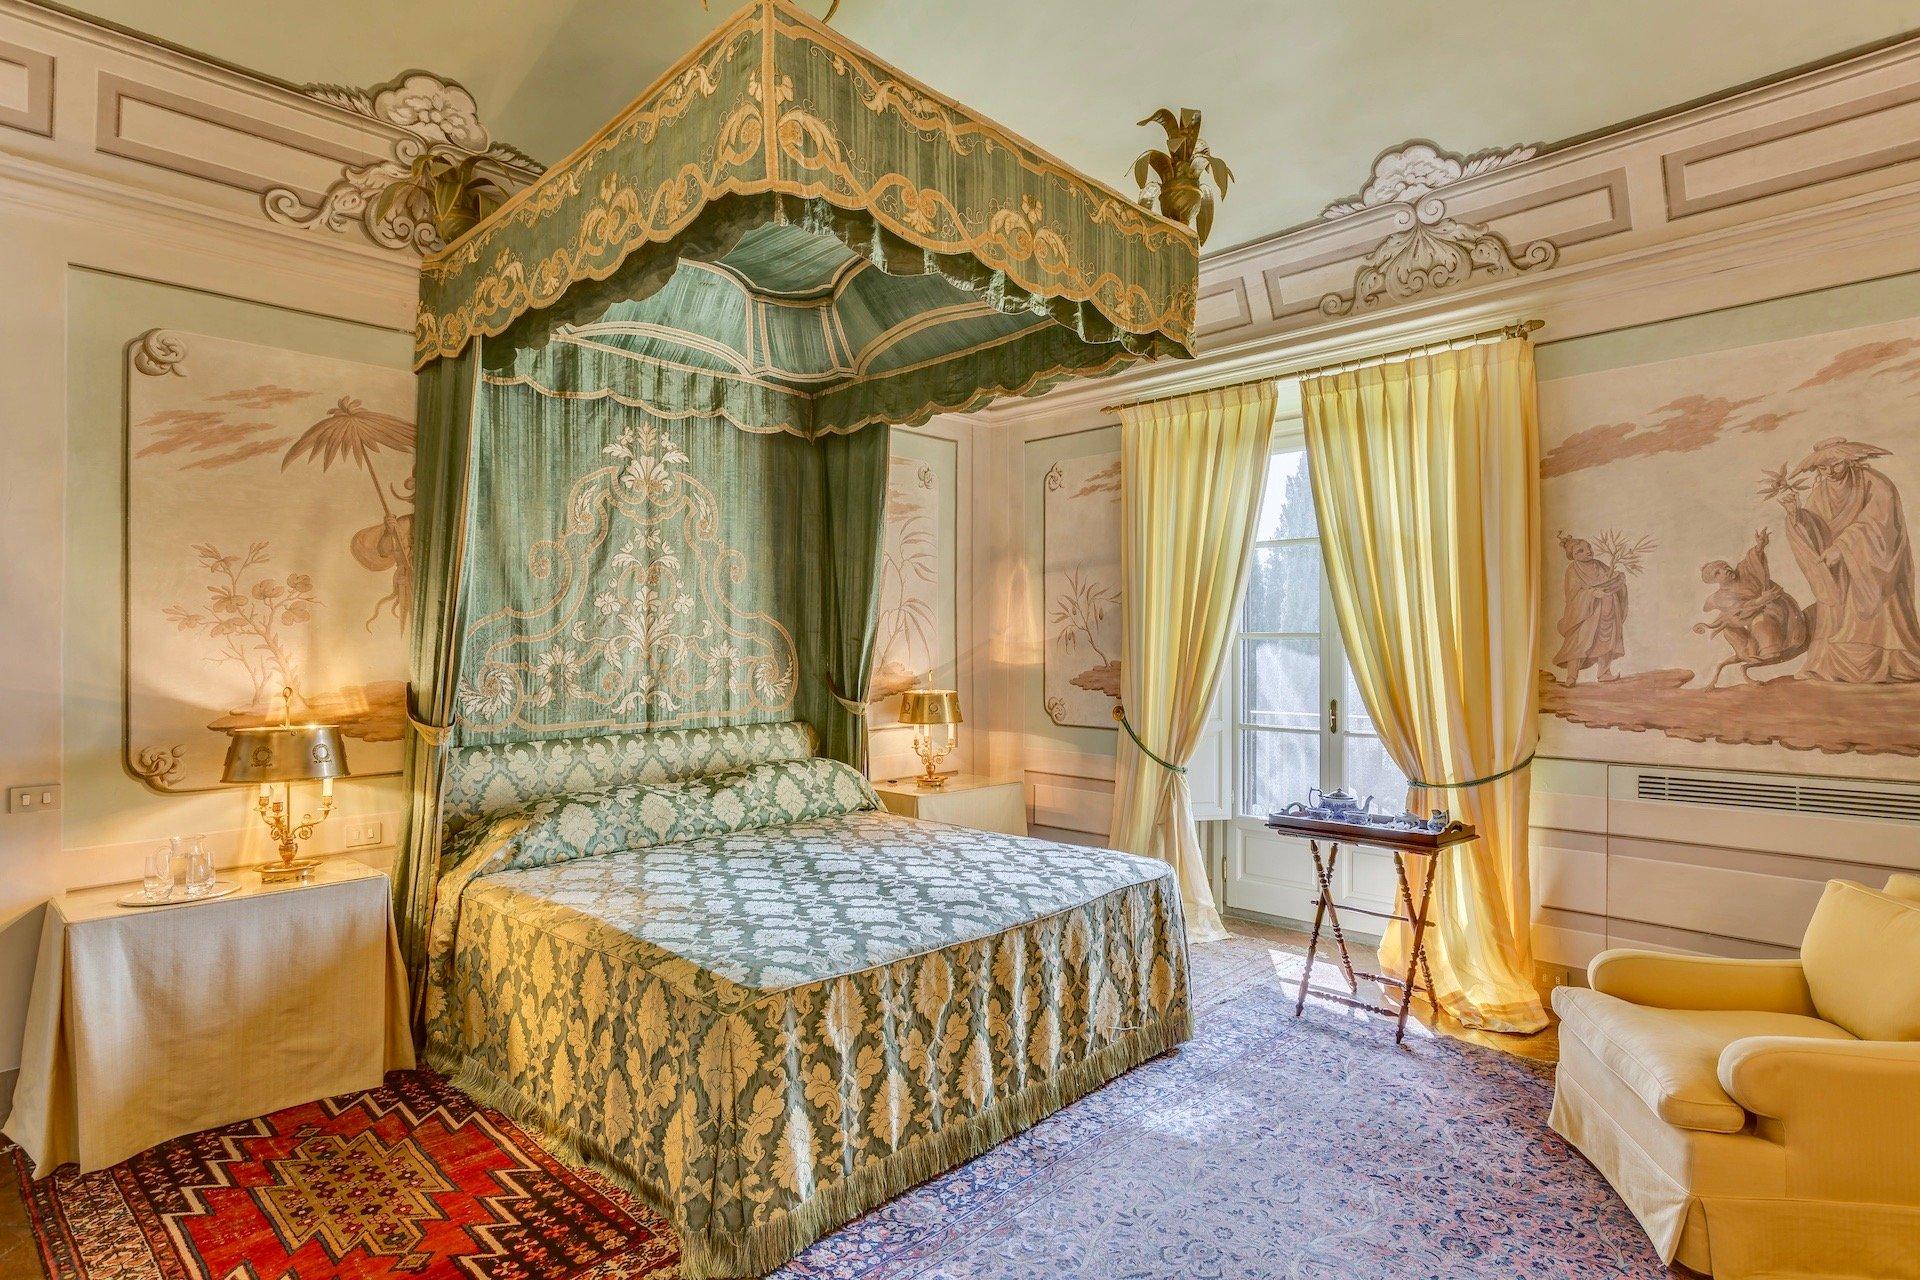 37. The Oriental Bedroom